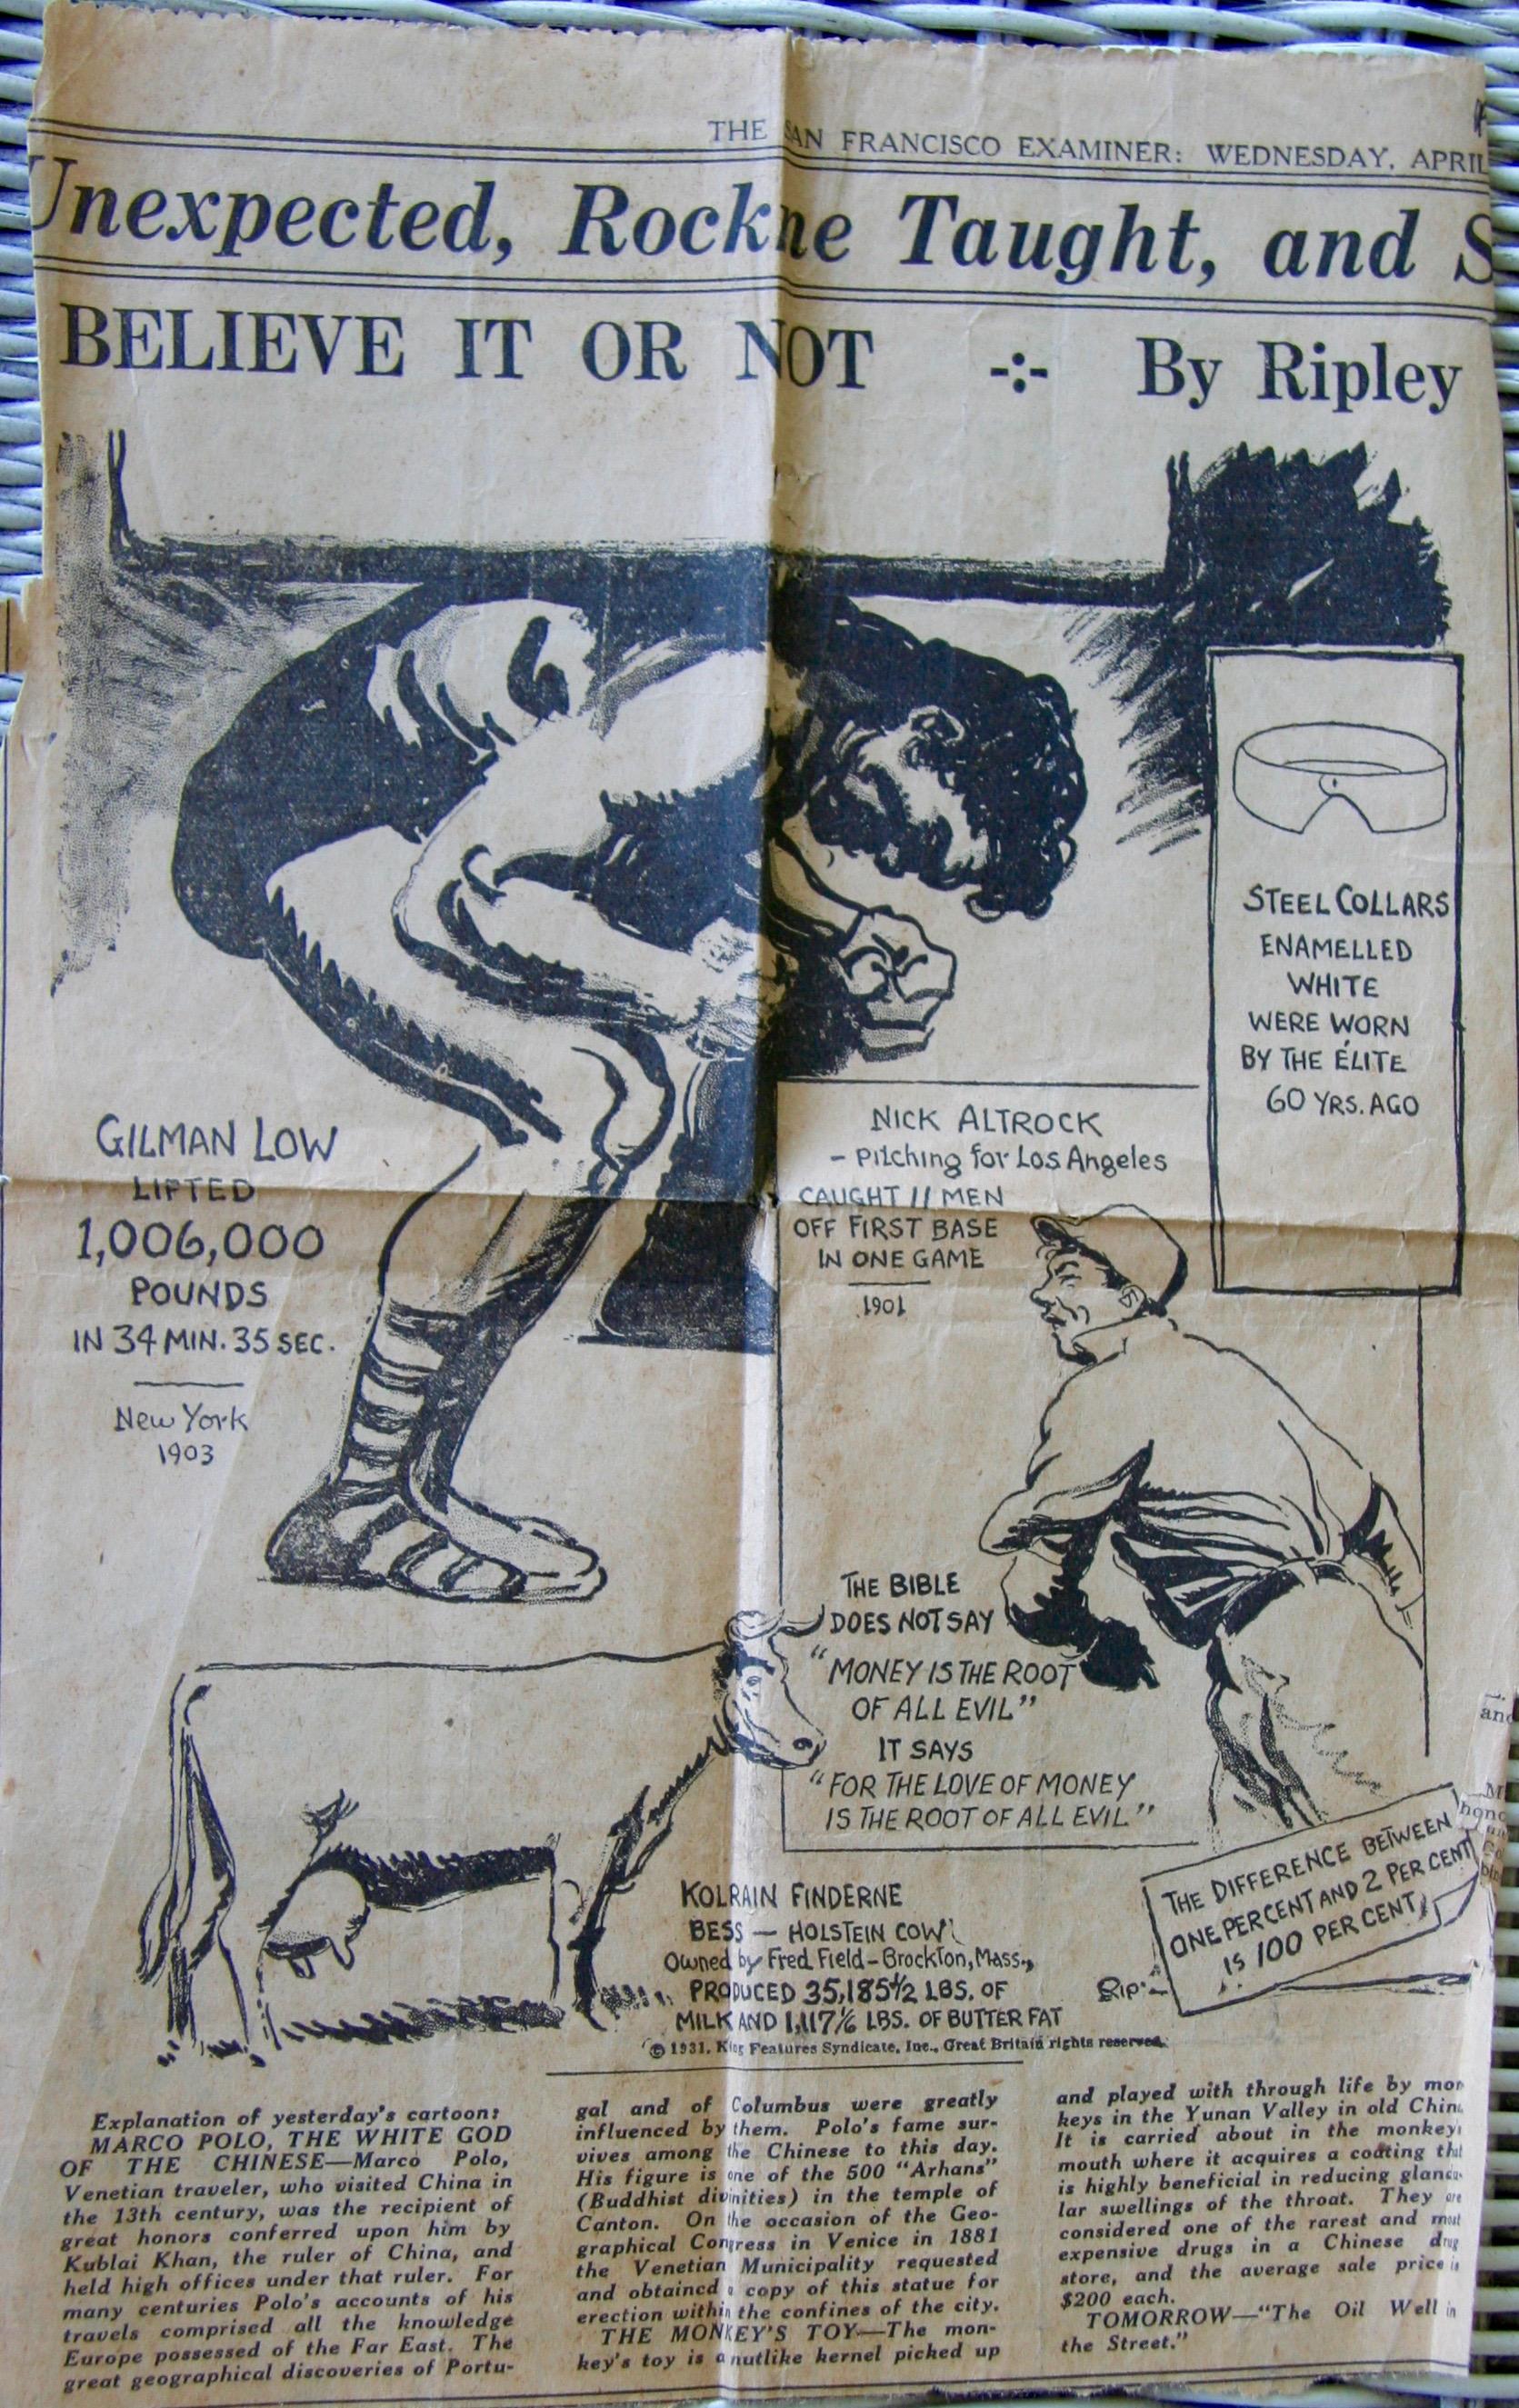 Cartoon of Gilman Low in Ripley's Believe It or Not